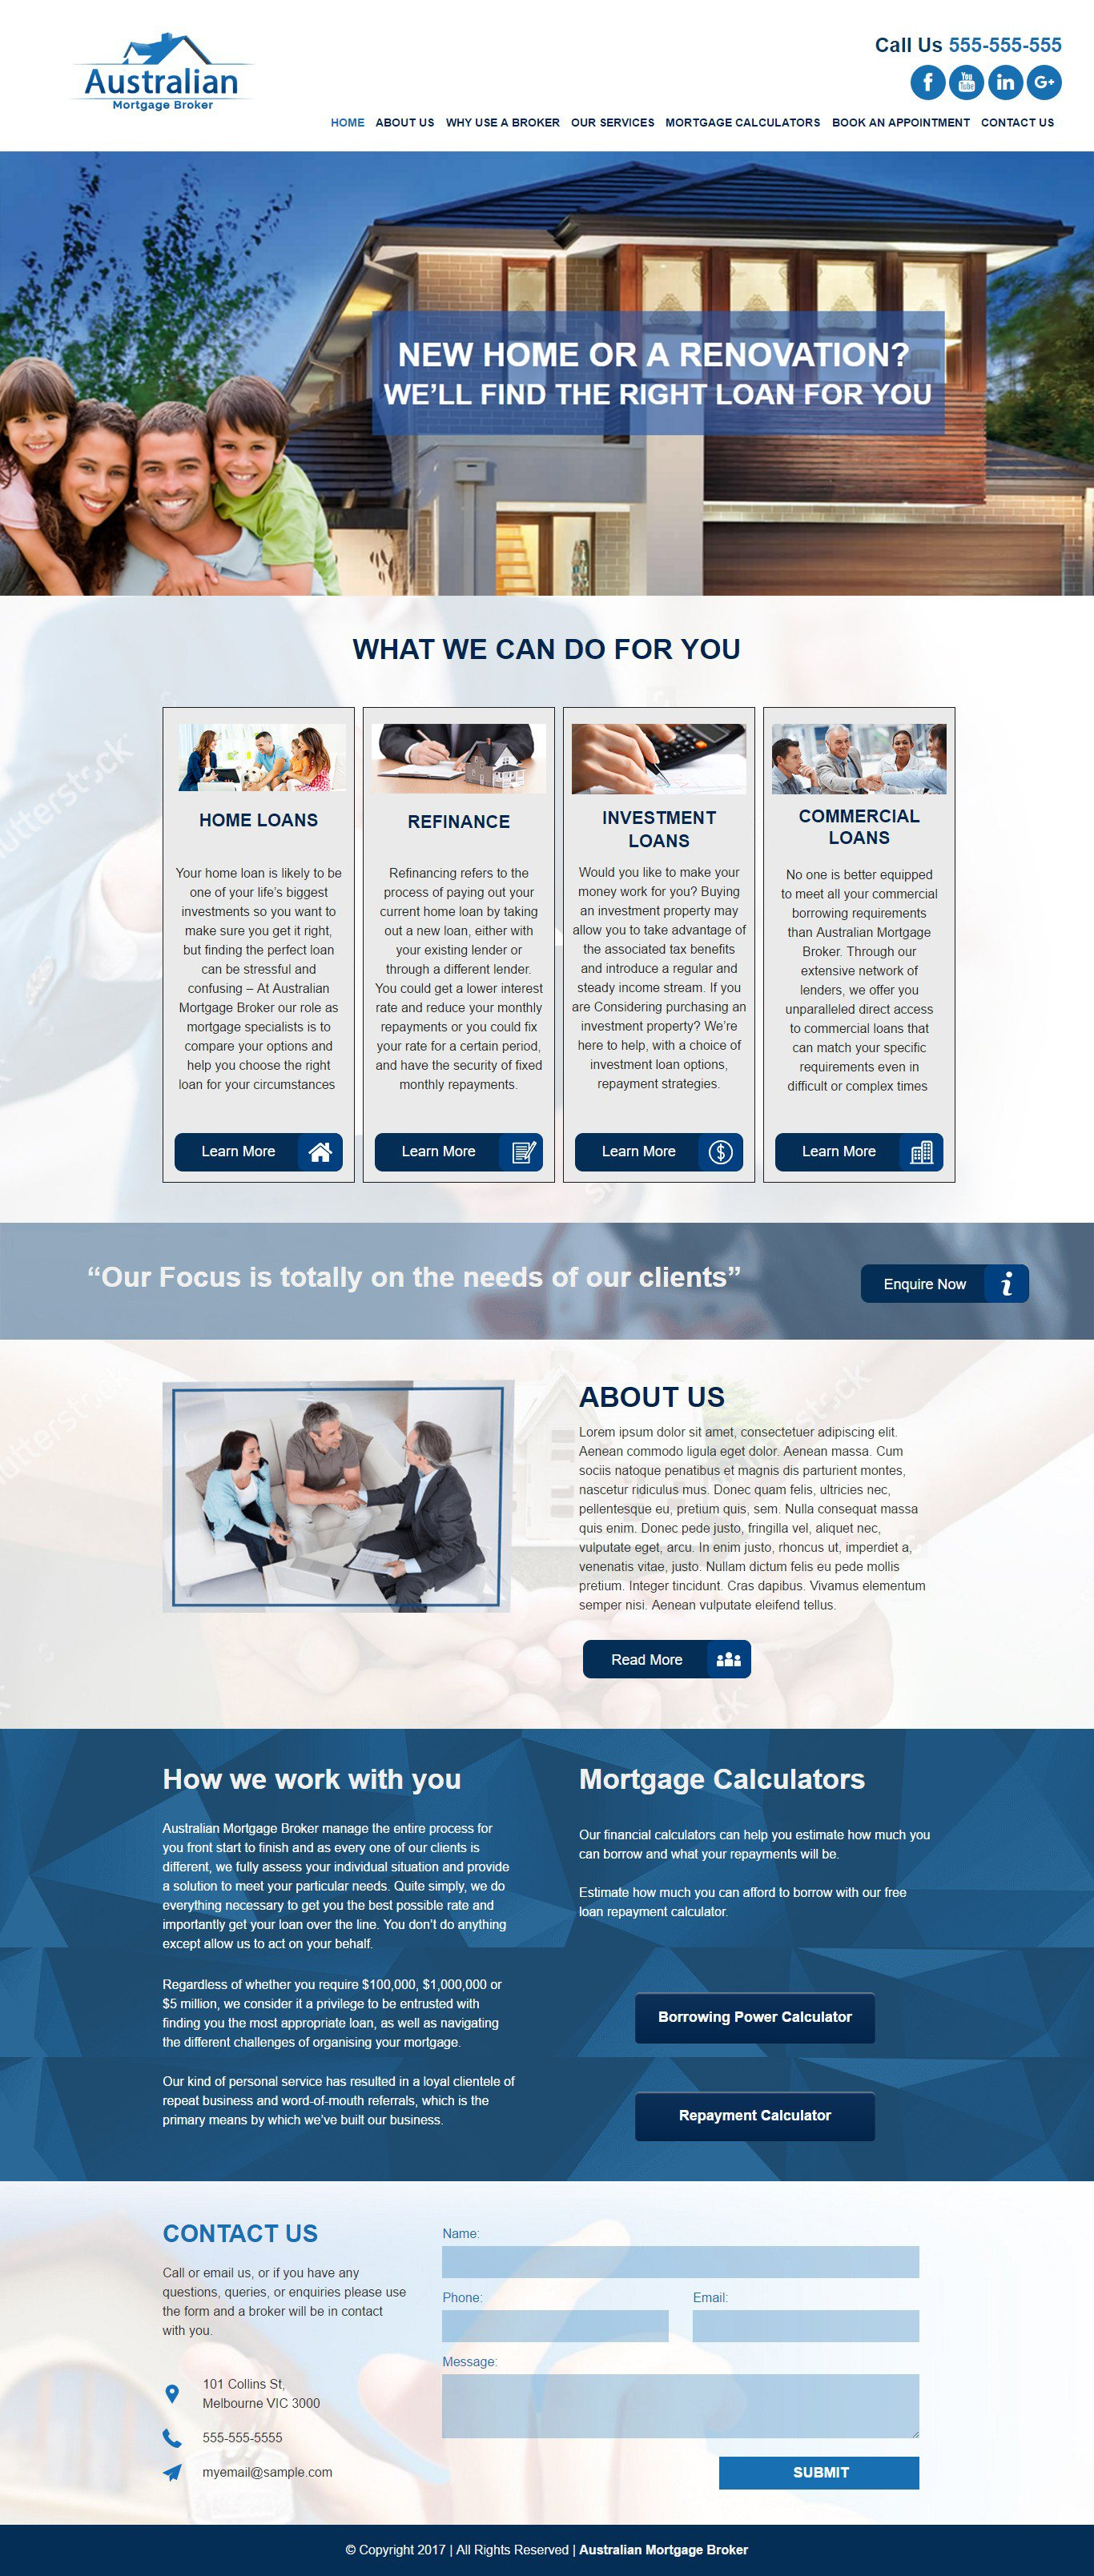 BROKER PORT | The leading Mortgage Broker website platform